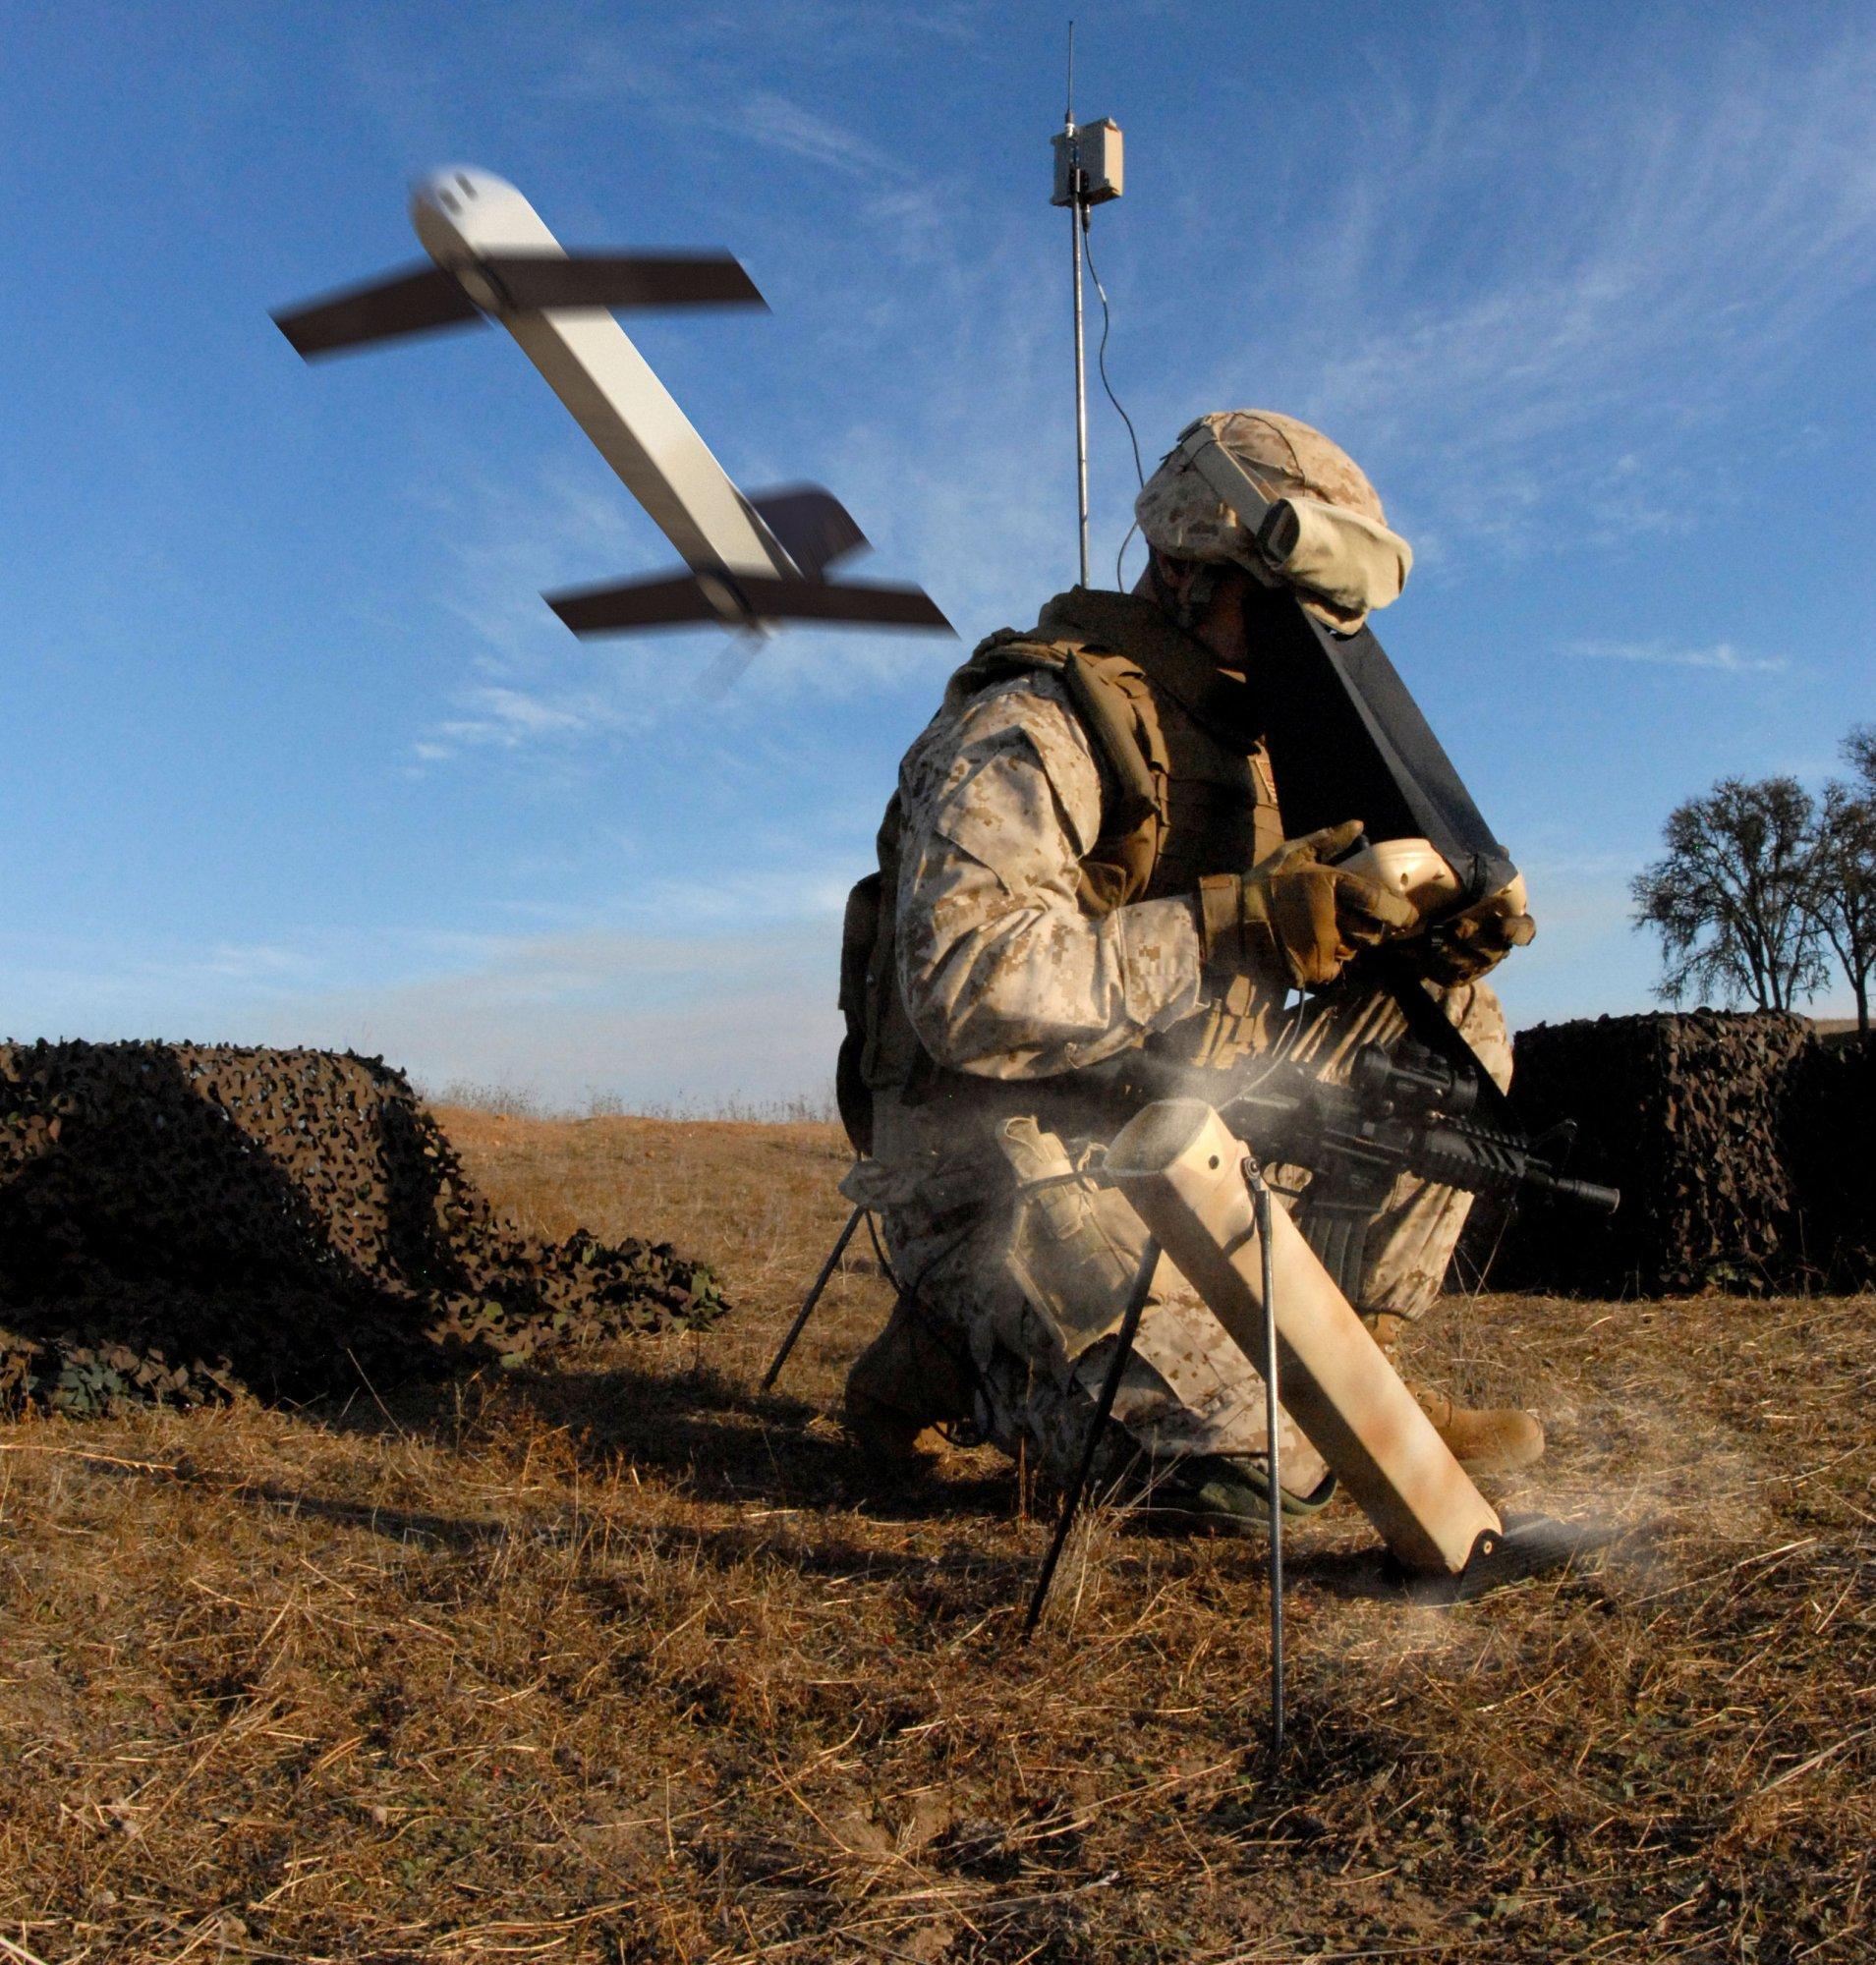 Как мы (не) нашли снайпера при помощи квадрокоптера - 6